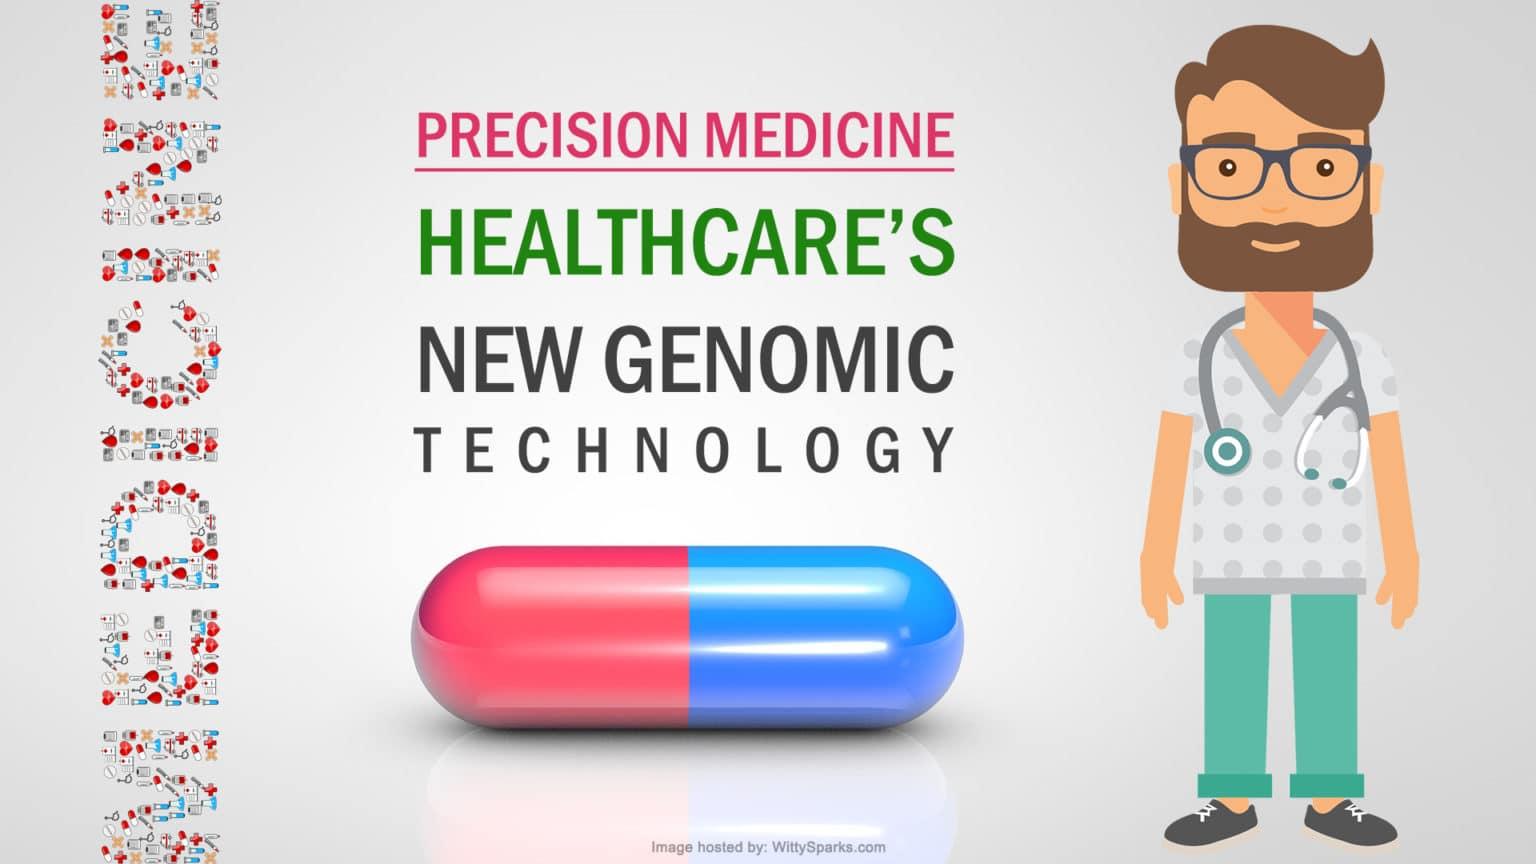 Personalized Precision Medicine New Genomic Technology